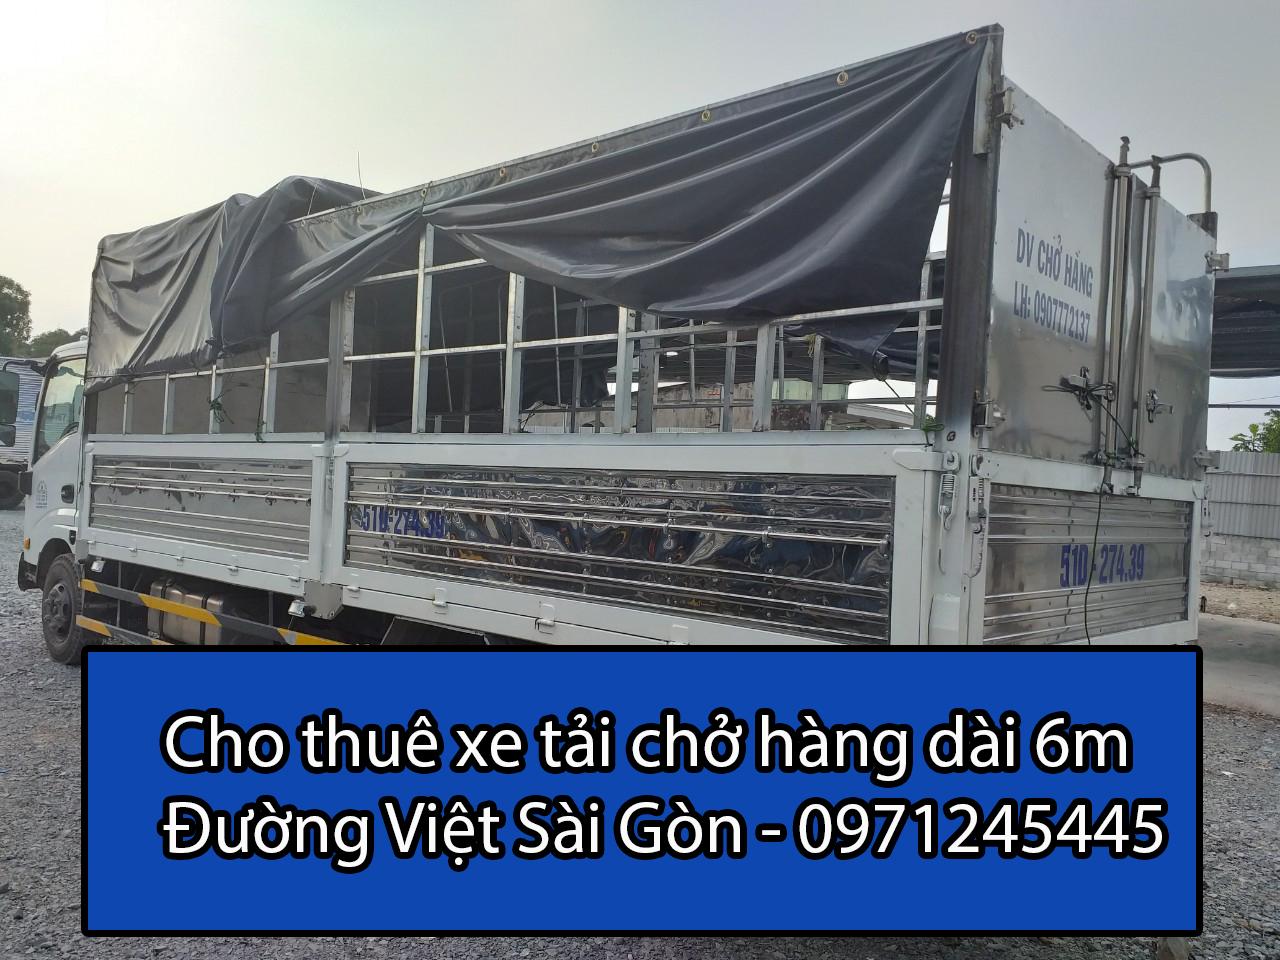 Thuê xe tải chở hàng 6 m giá rẻ tại TPHCM - Đường Việt Sài Gòn